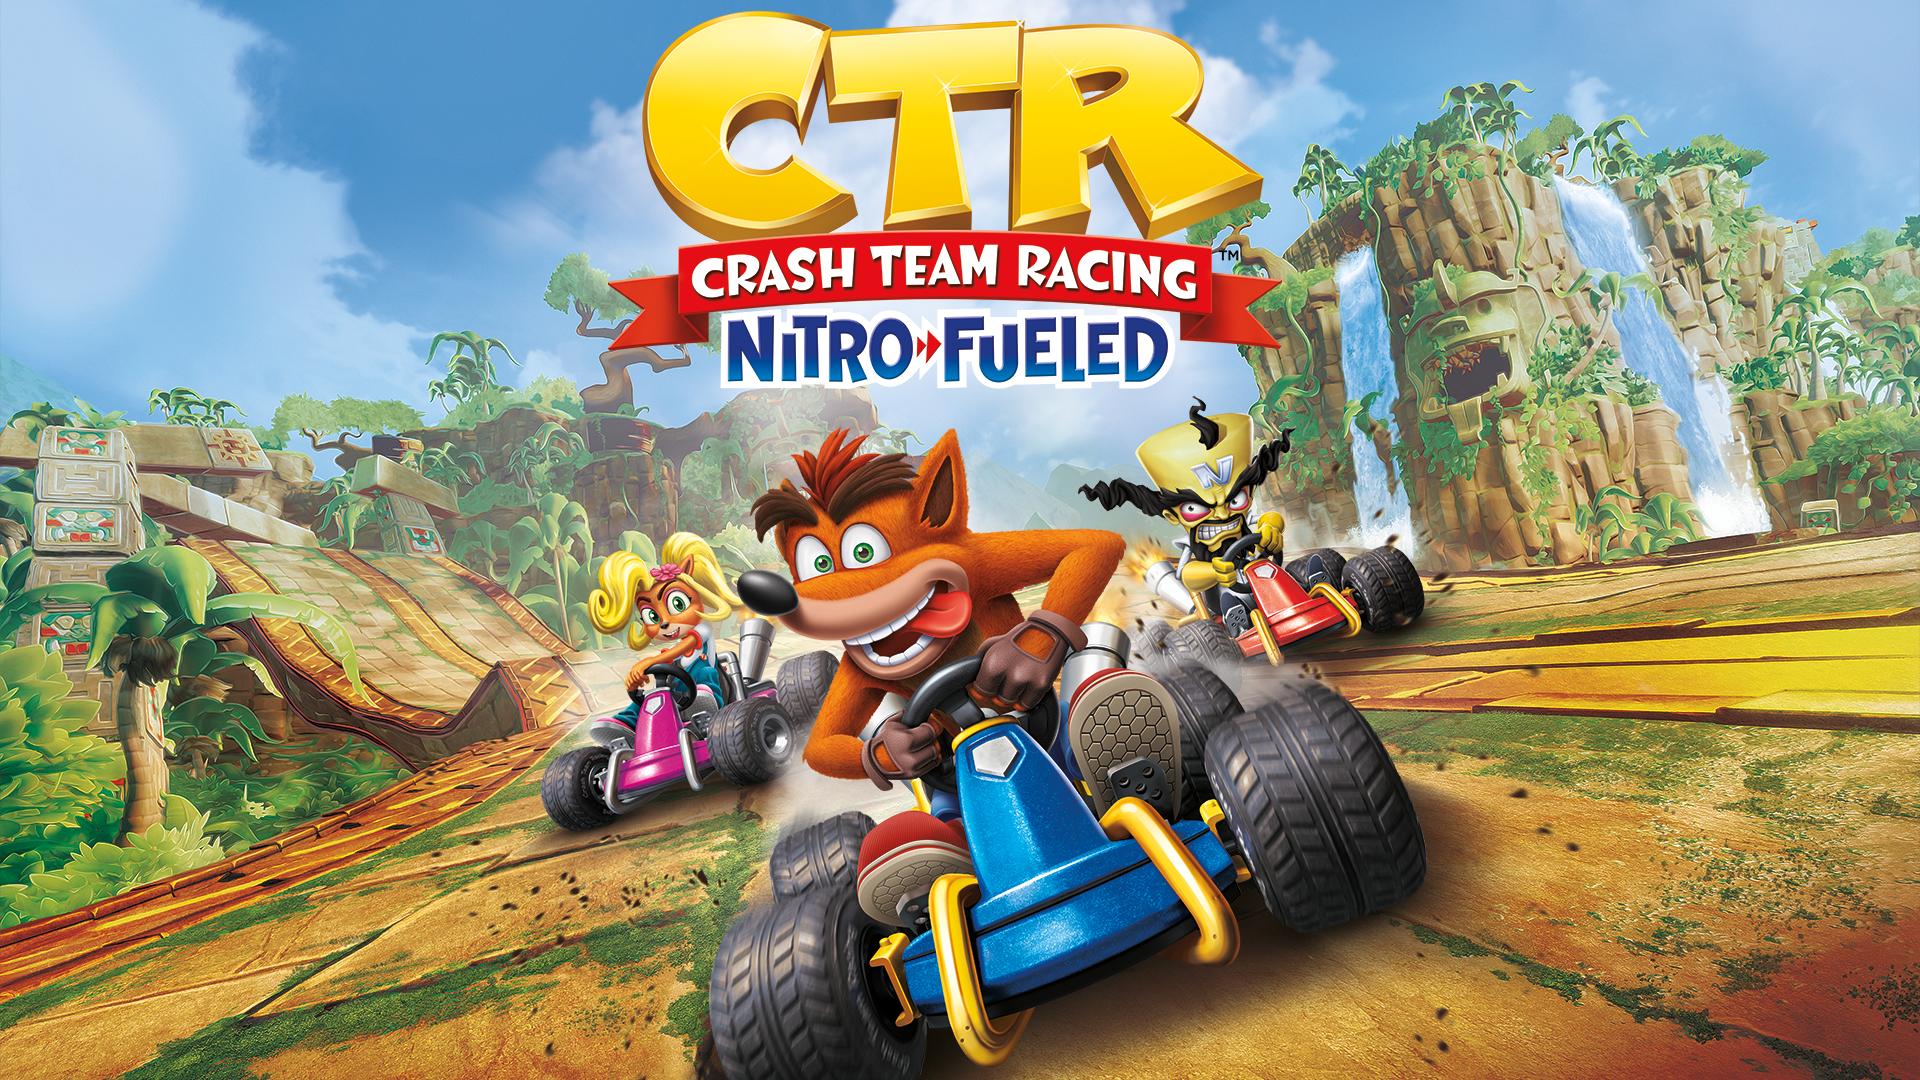 Afbeeldingsresultaat voor Crash Team Racing: Nitro Fueled online